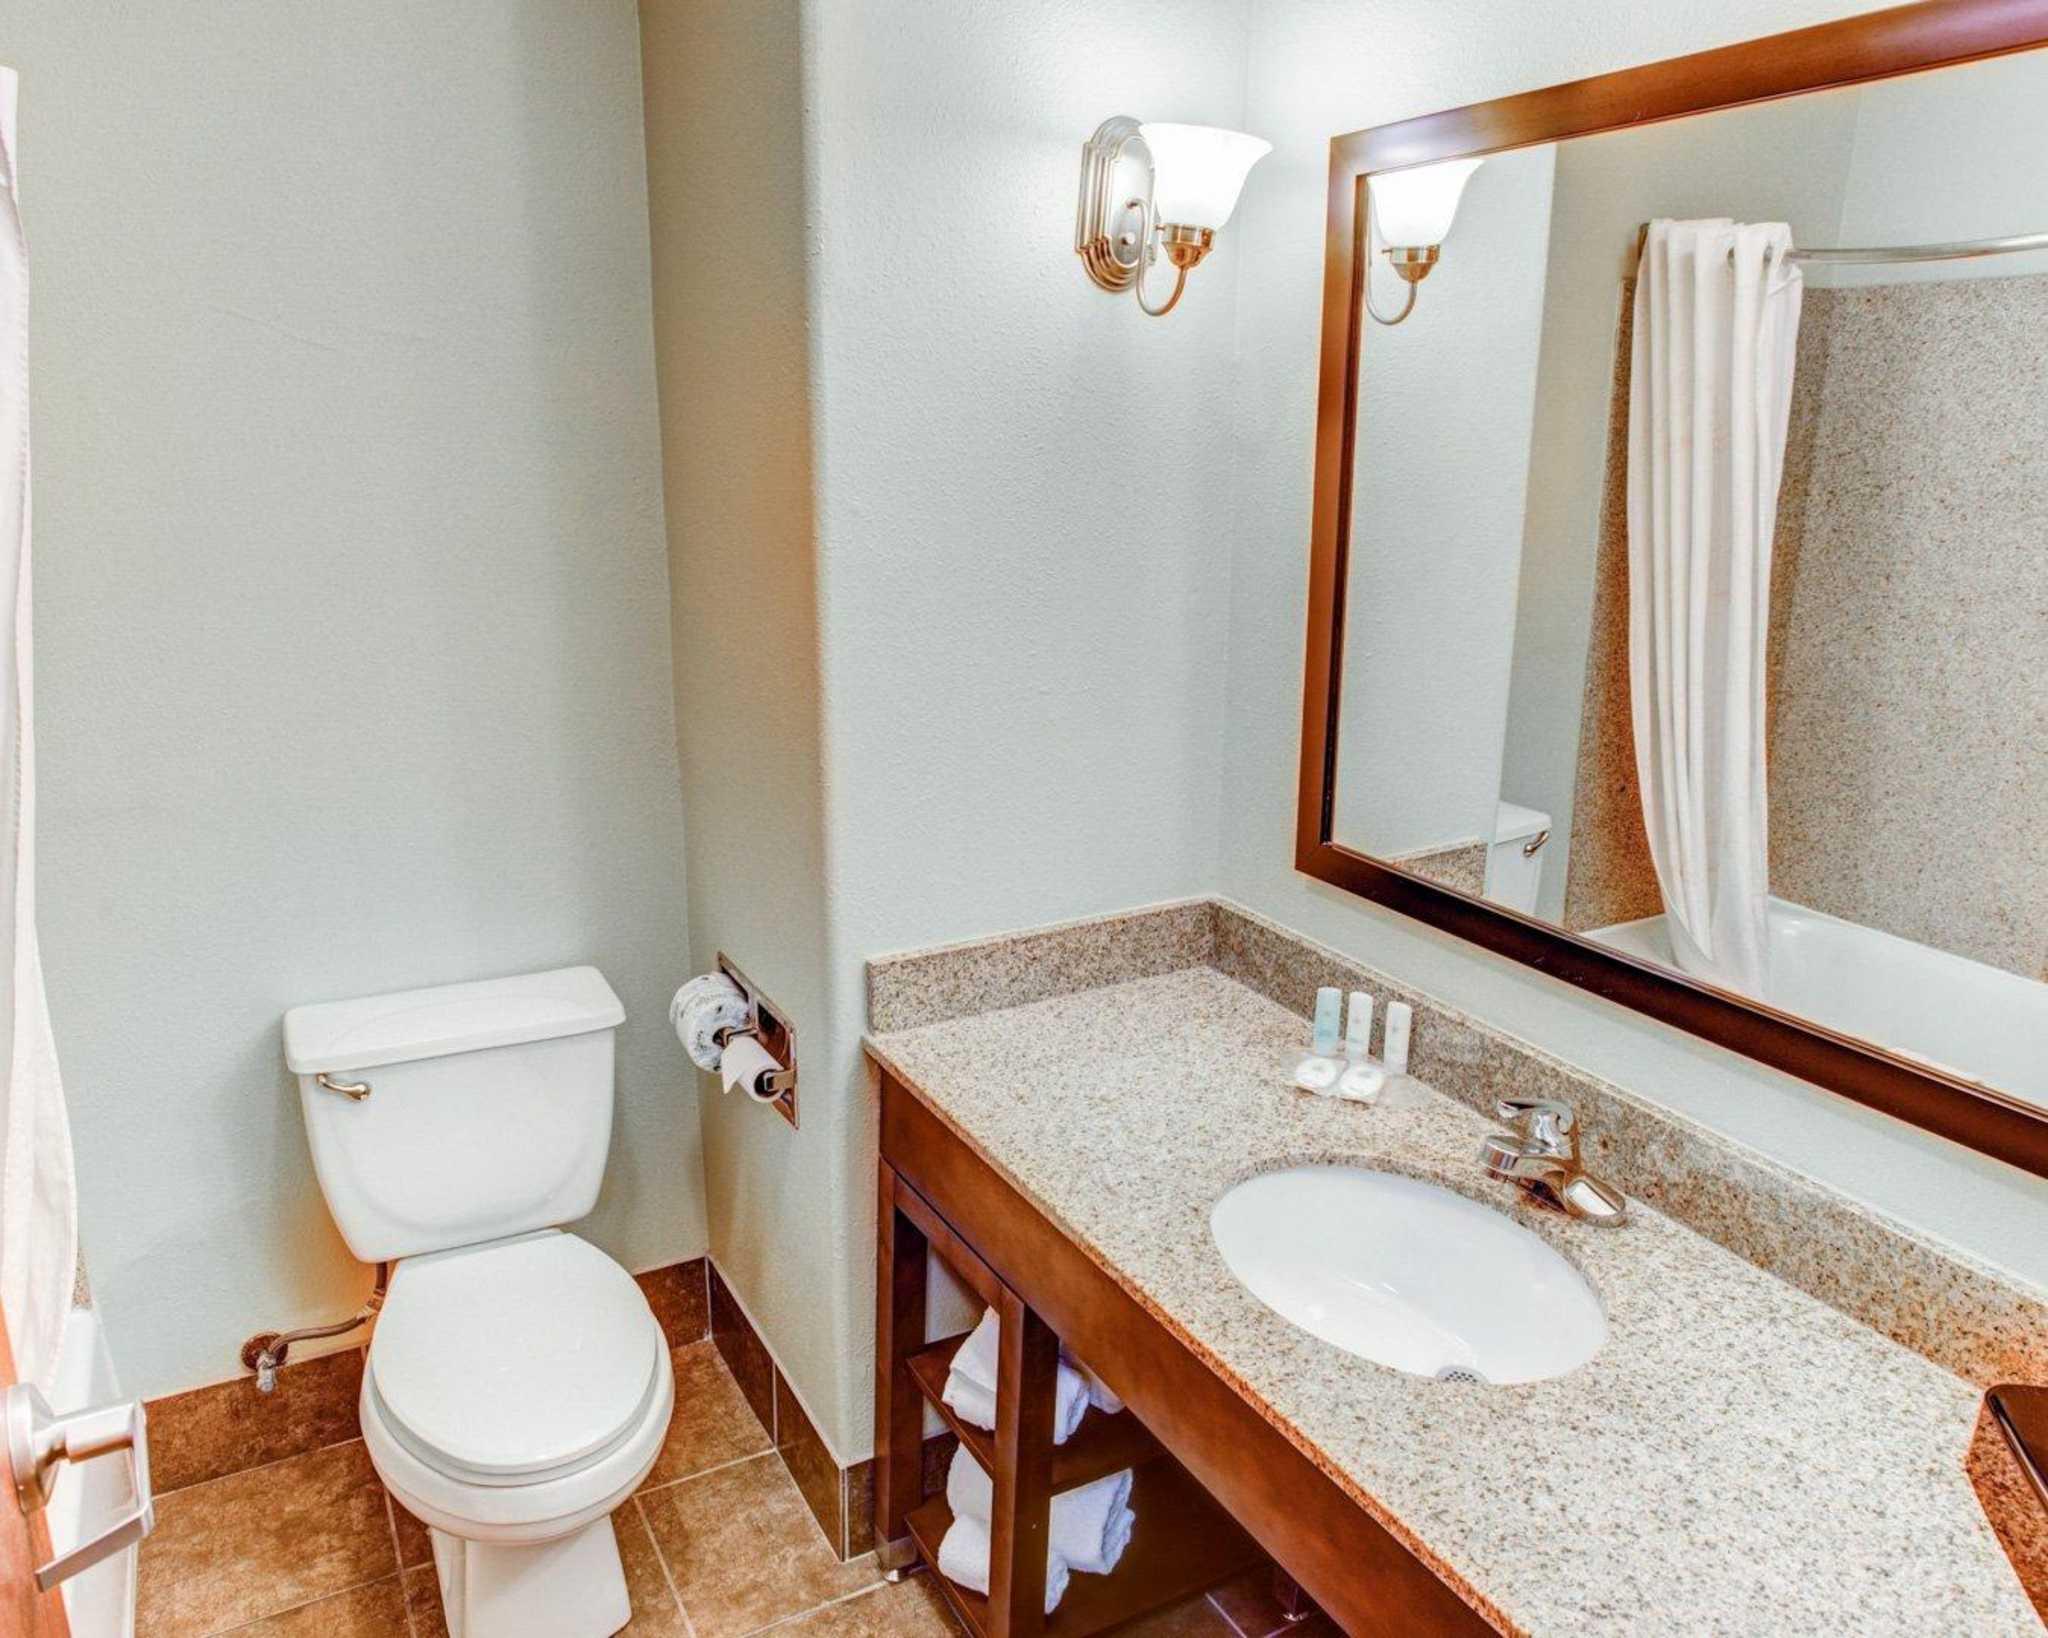 Comfort Inn image 31